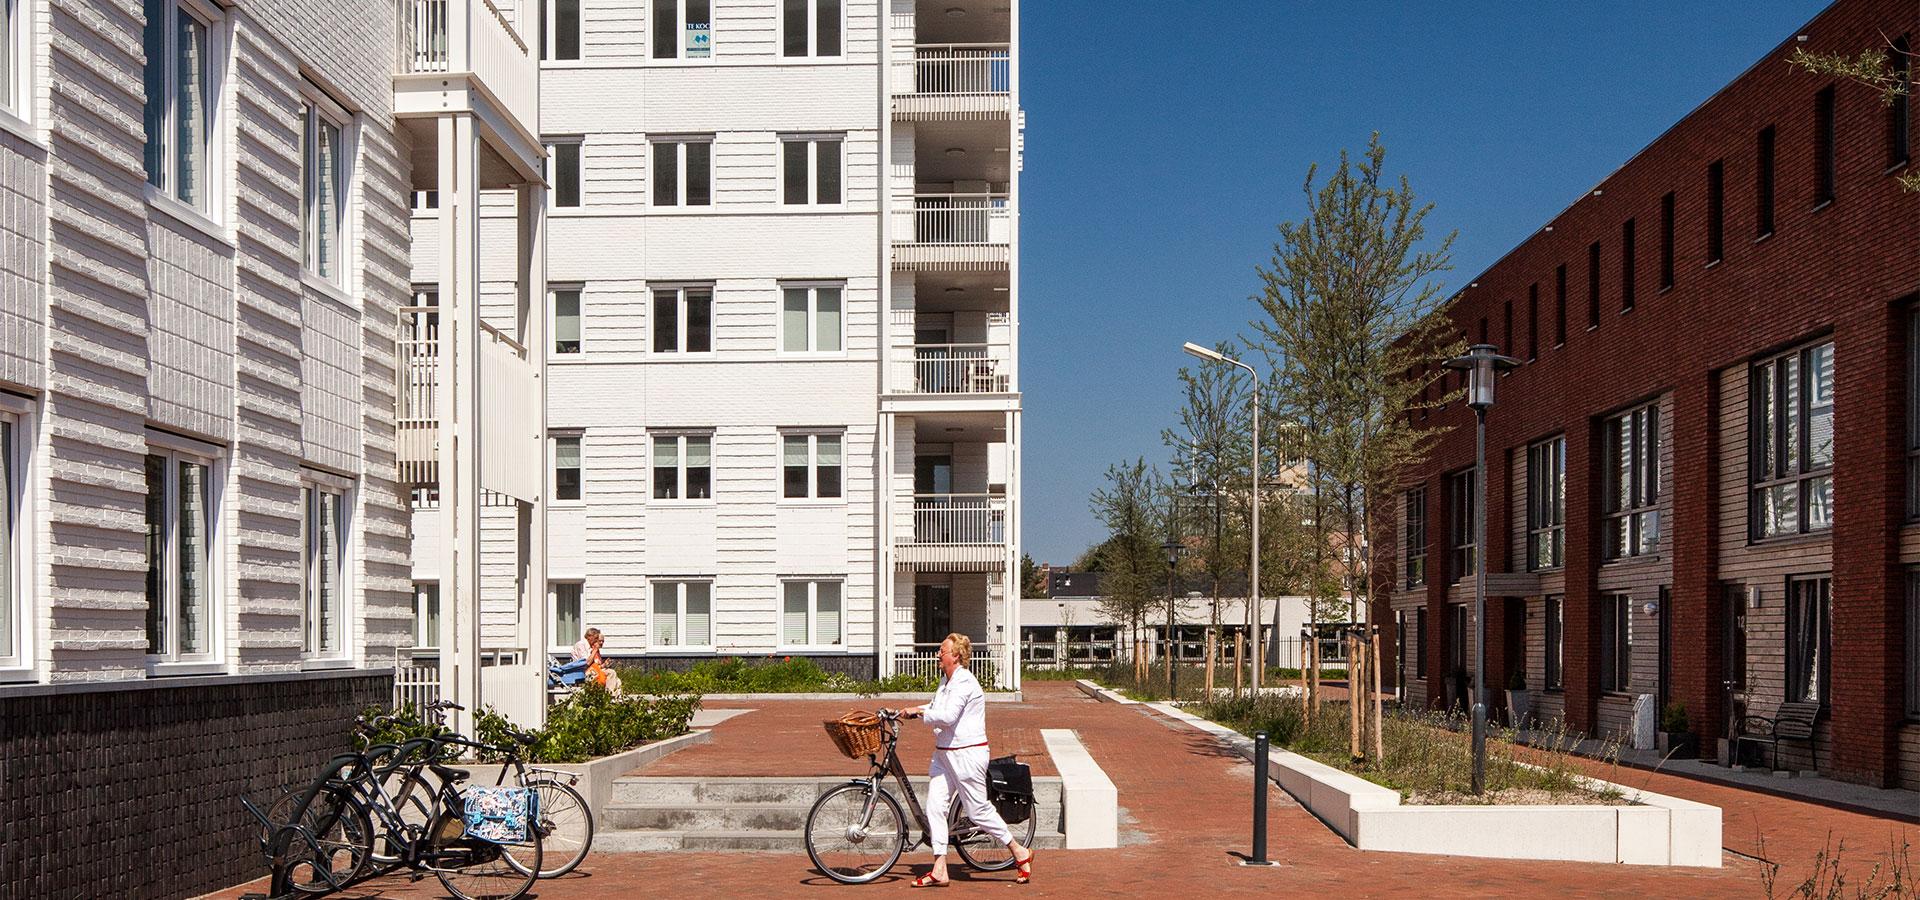 FARO architecten Binnenhaven blok 4 en 5 IJmuiden 05